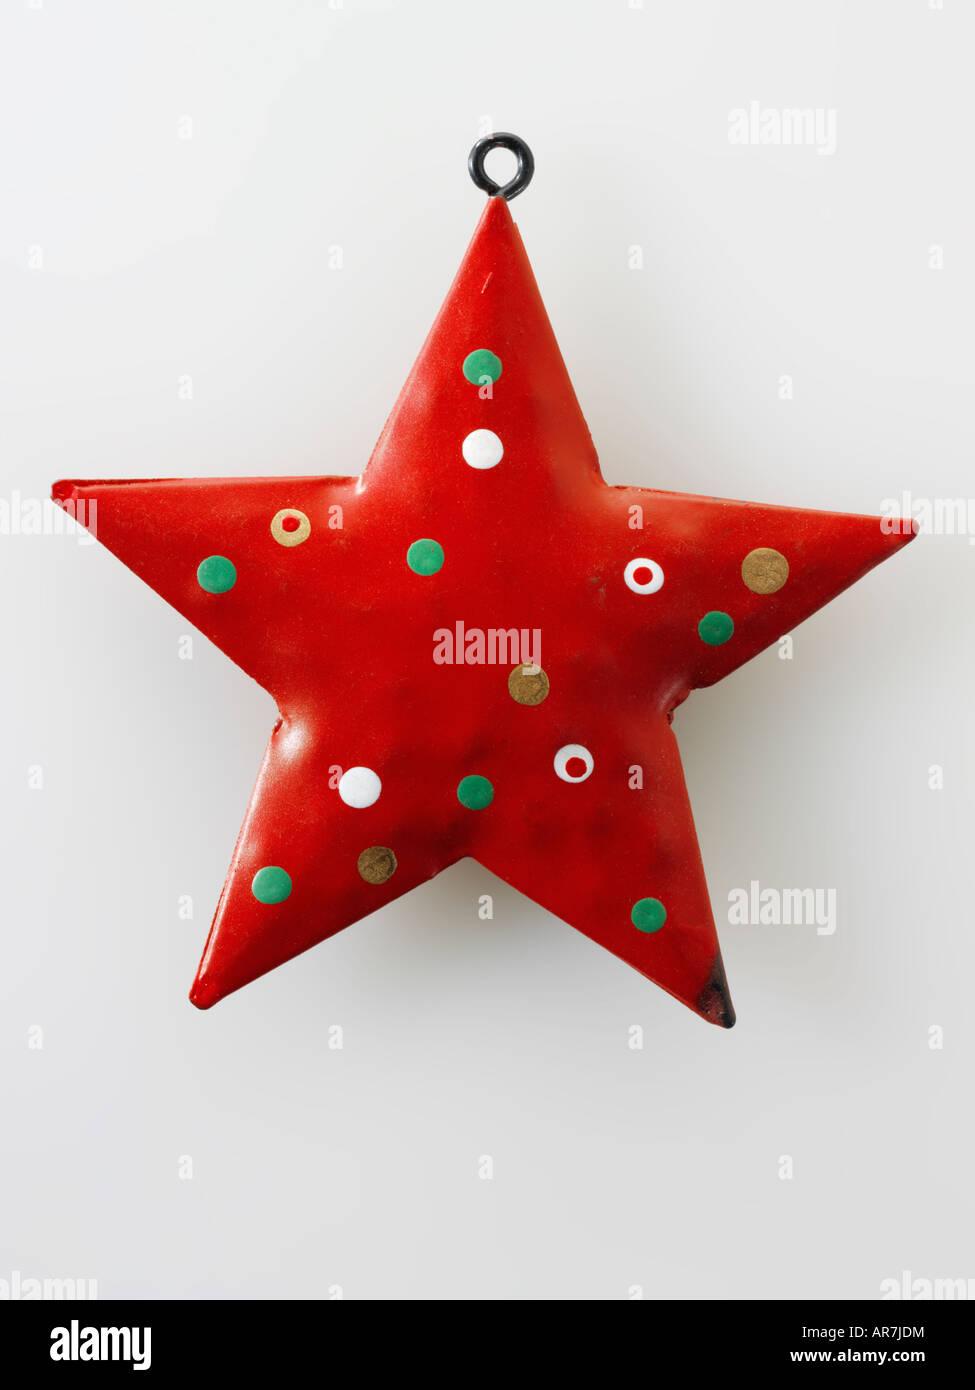 Estrella roja pintada mano festiva decoración navideña Imagen De Stock